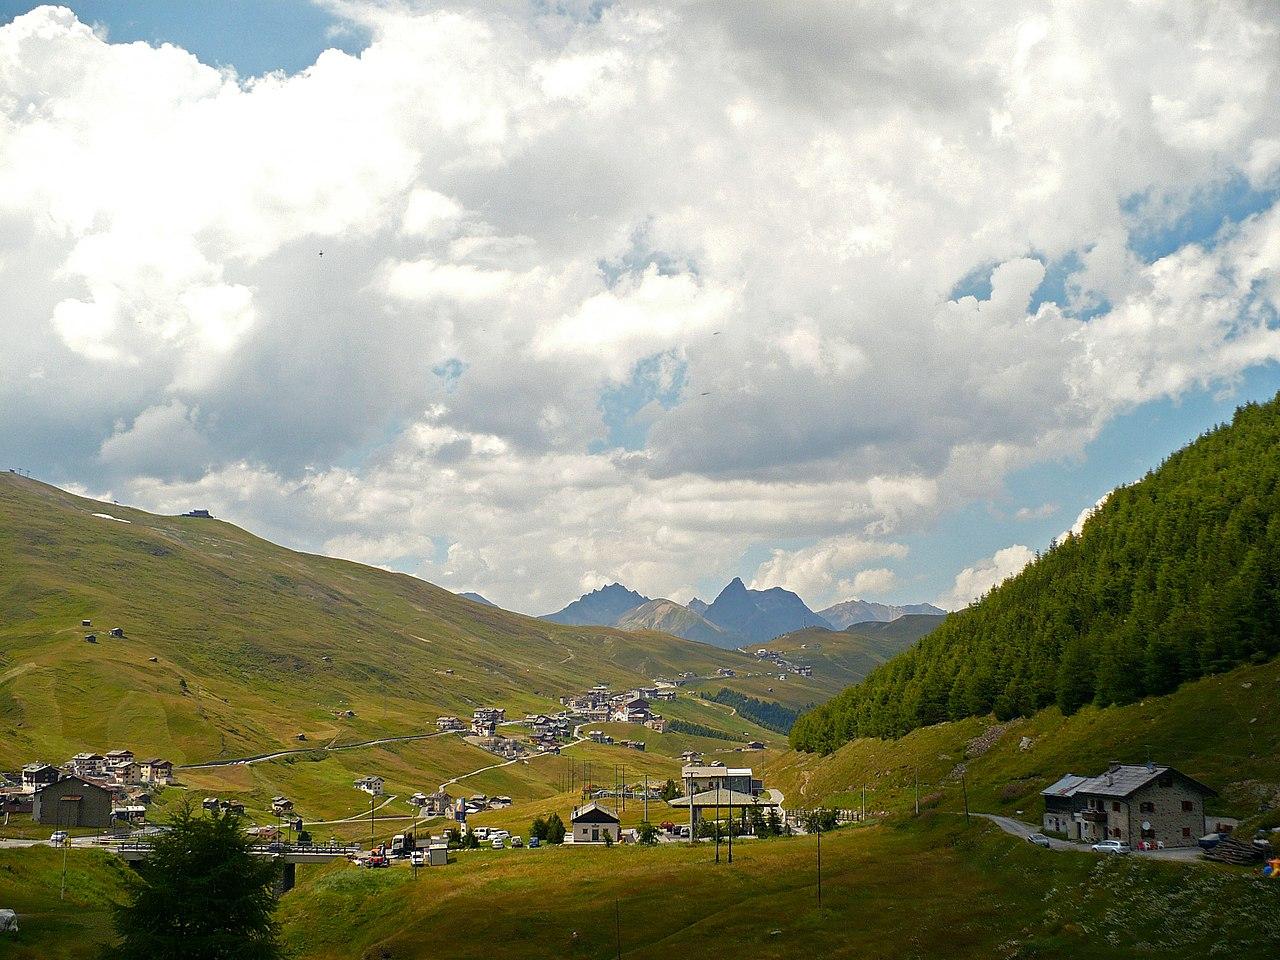 Una valle con rilievi vicini e in lontananza cime più alte, in primo piano delle casette